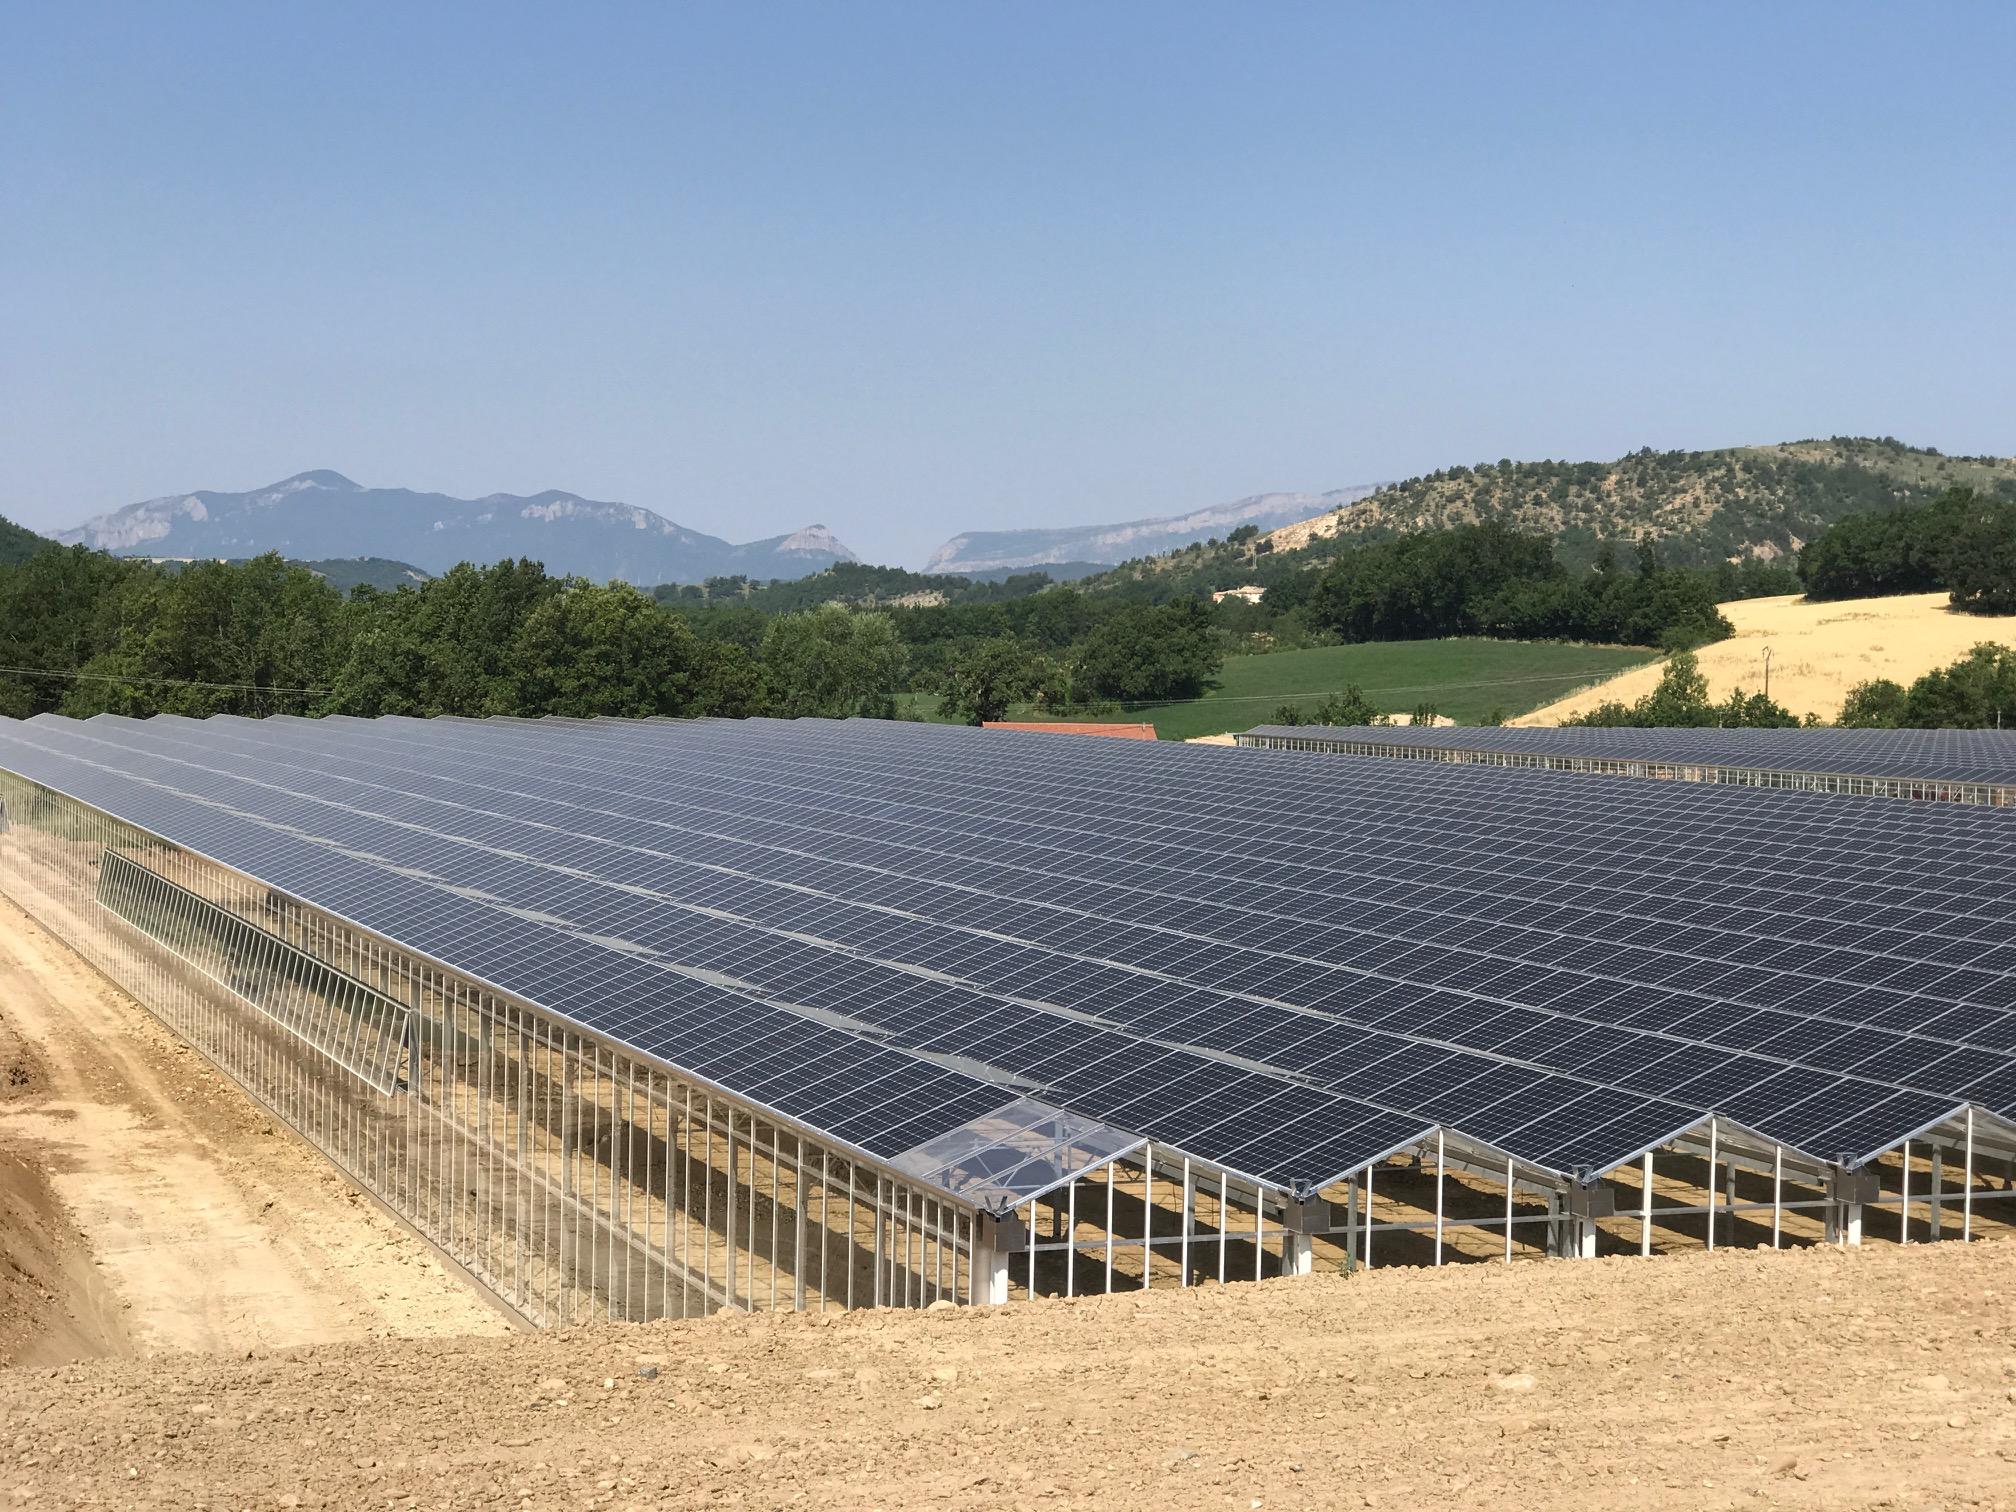 Invernaderos fotovoltaicos en Francia